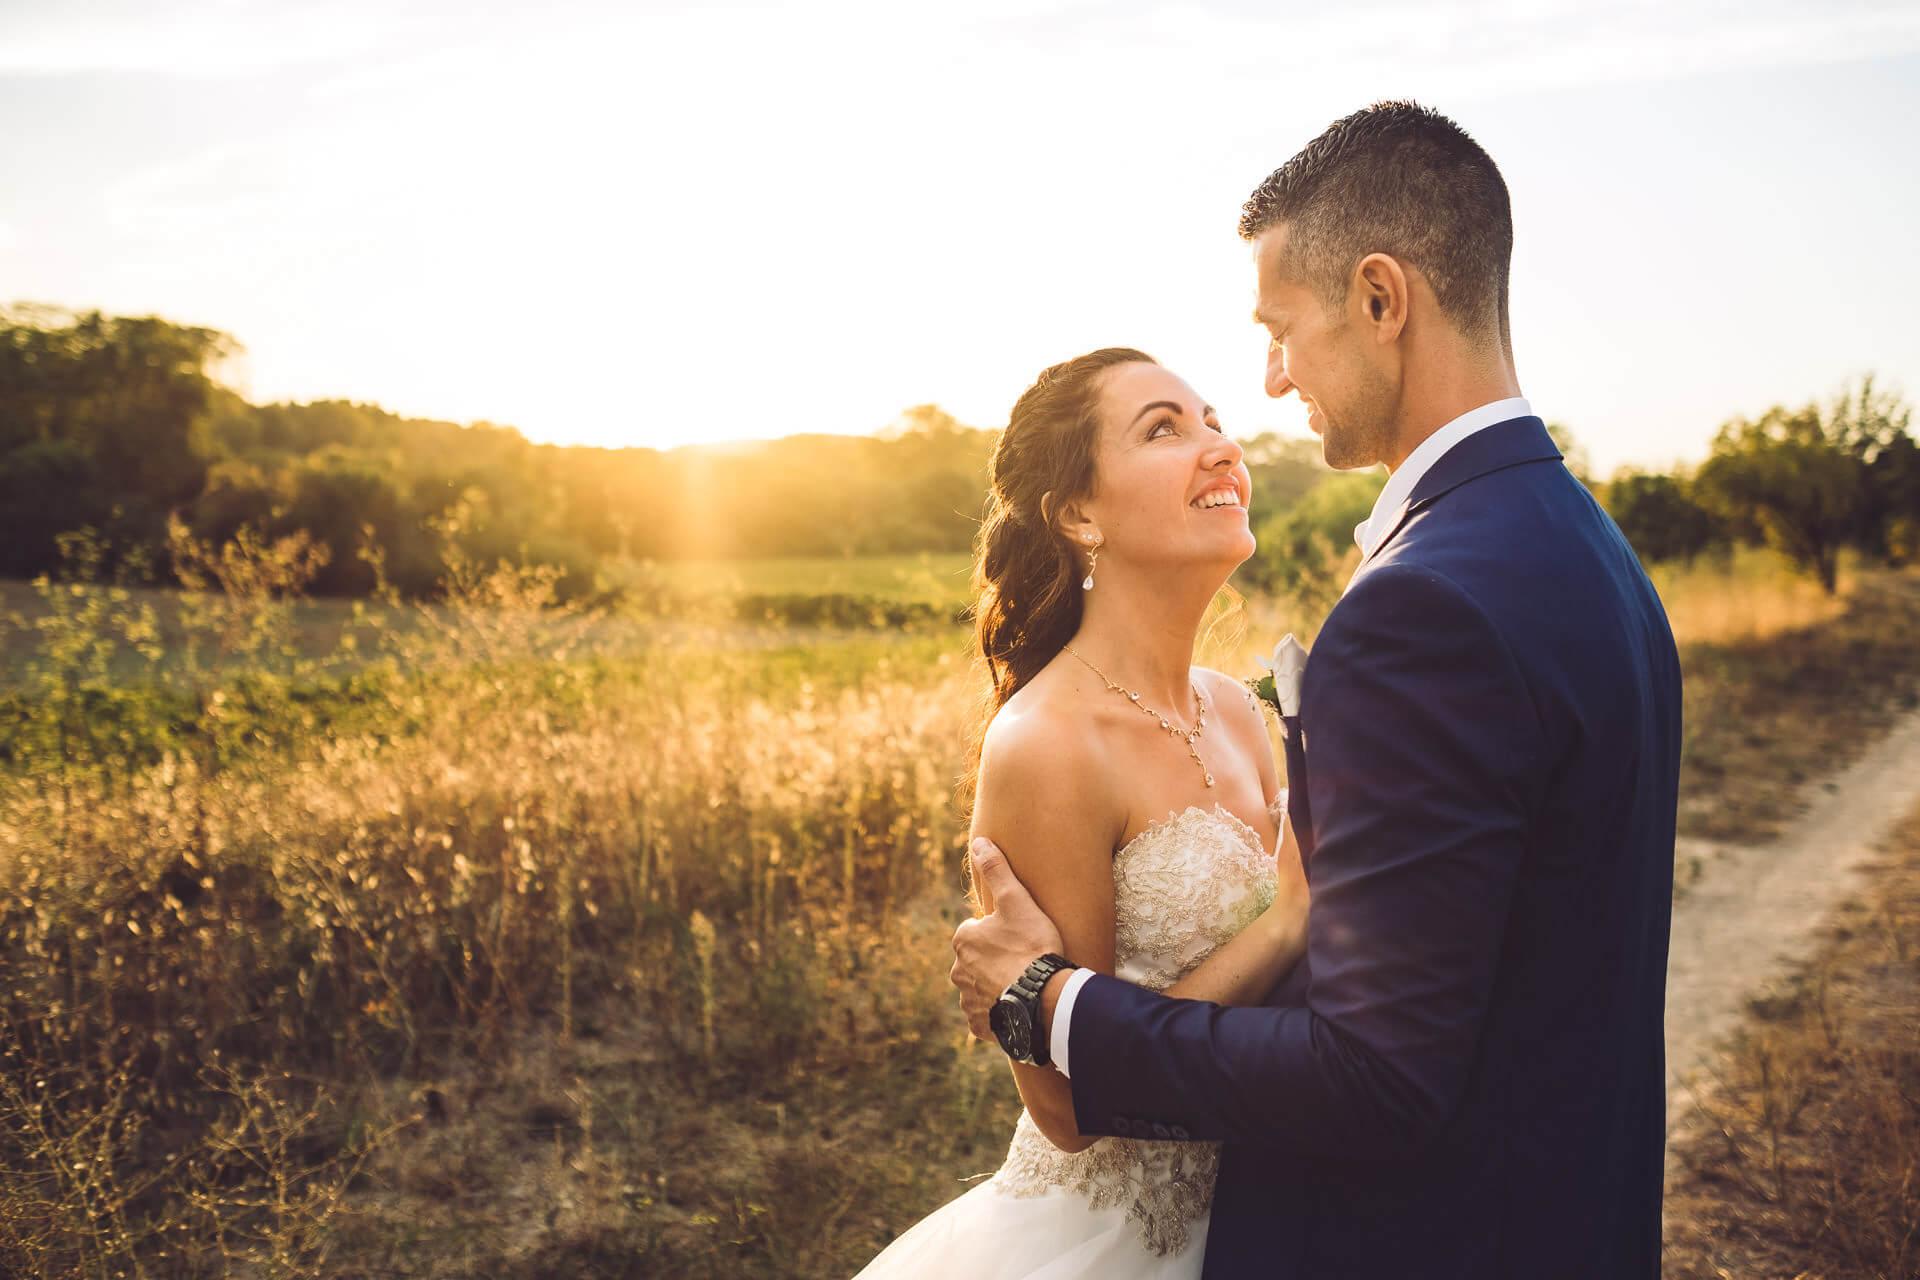 photographe mariage capestang domaine de l ale